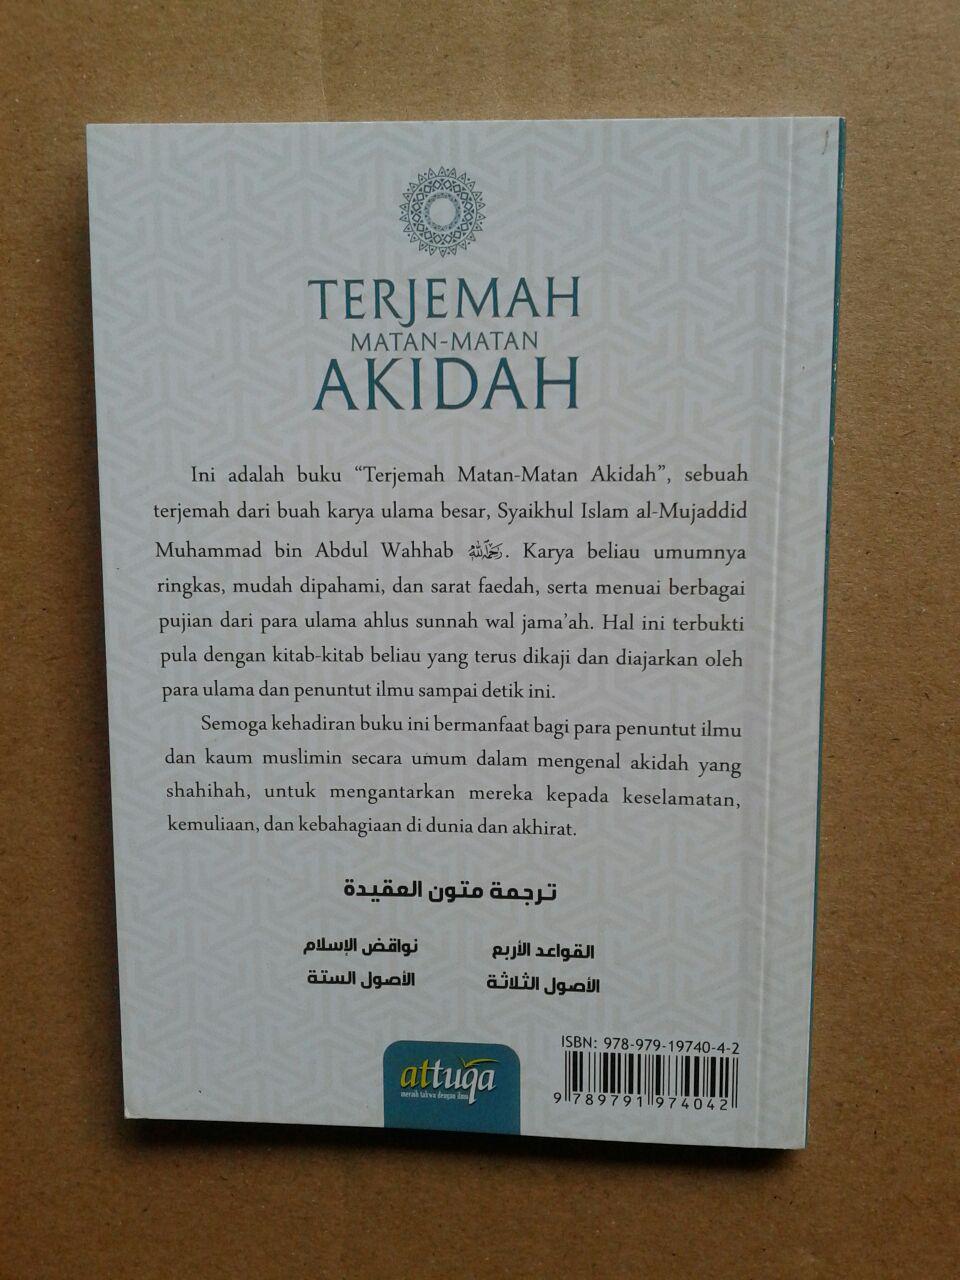 Buku Saku Terjemah Matan-Matan Akidah cover 2